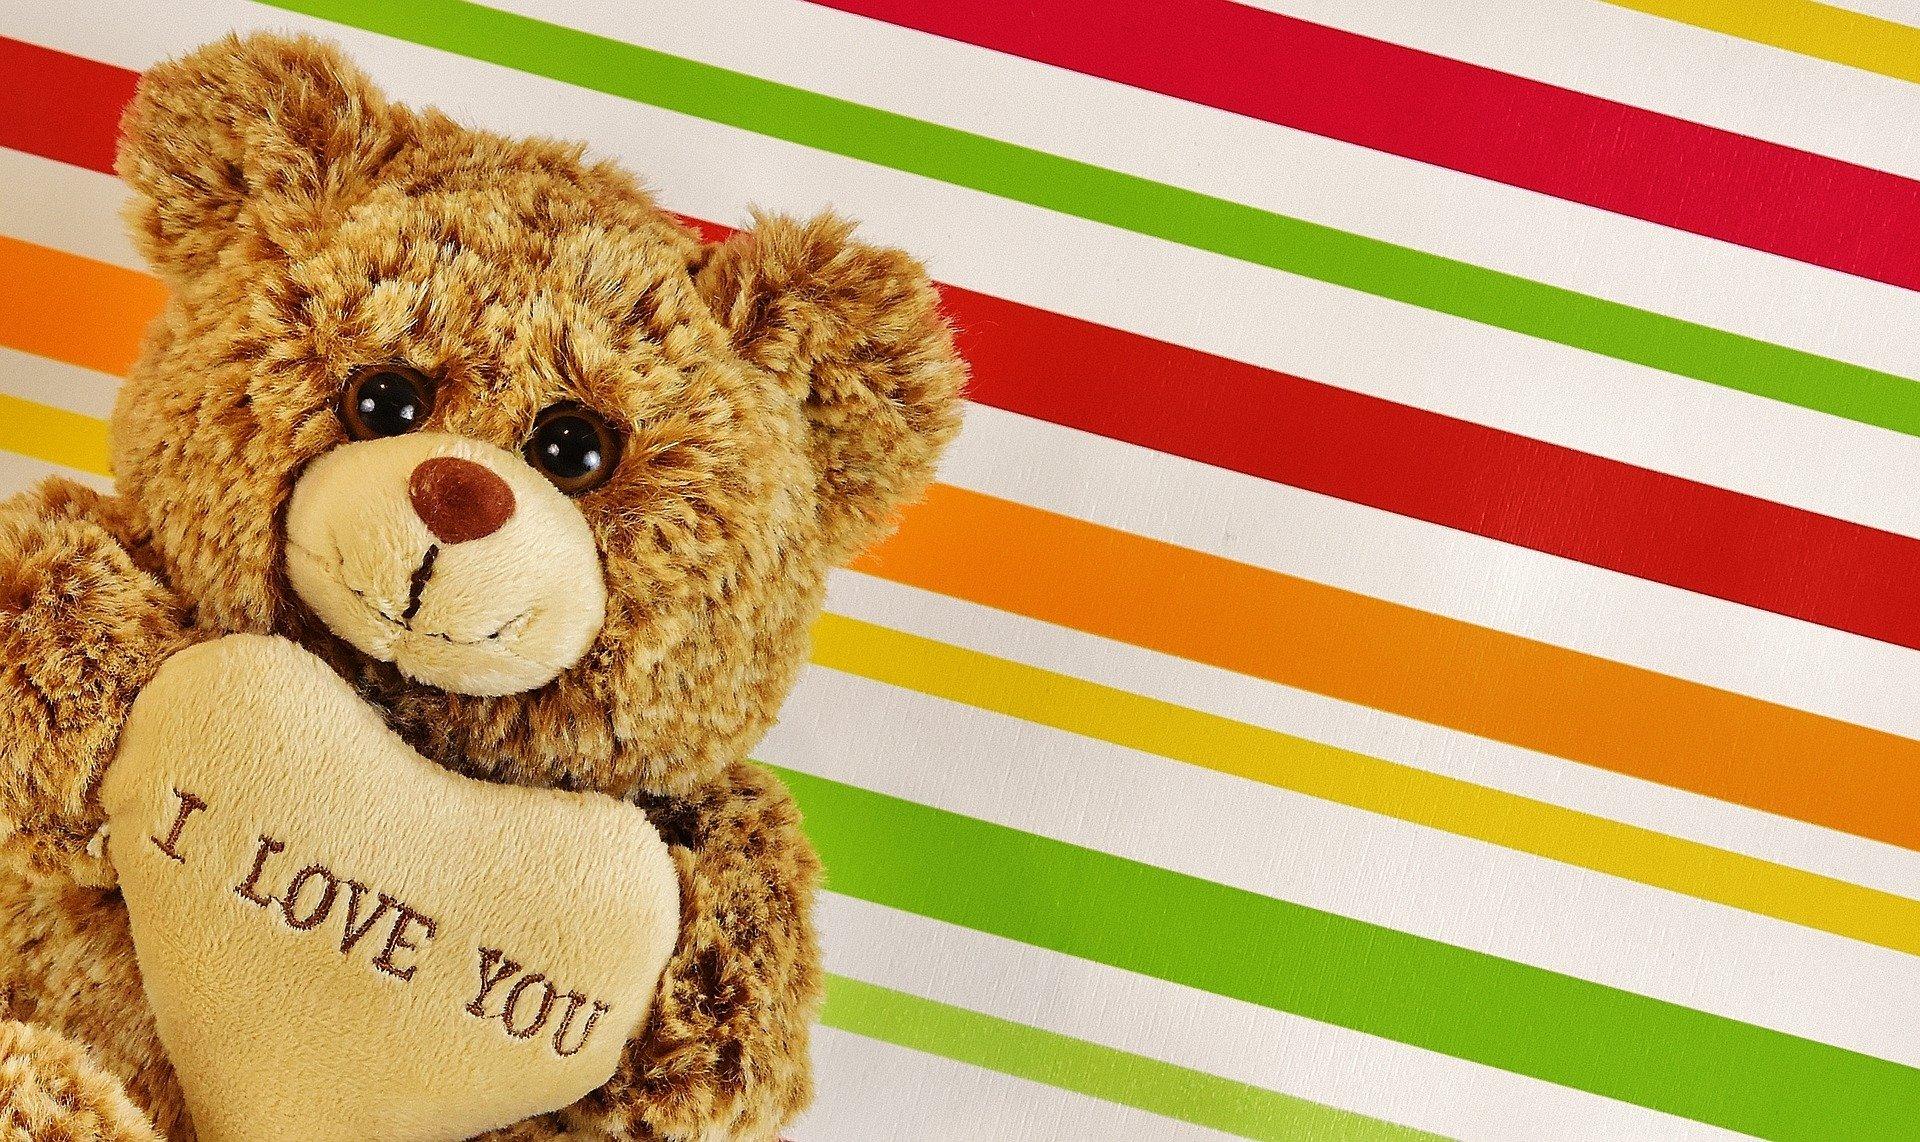 Walentynkowe życzenia i wierszyki dla dzieci